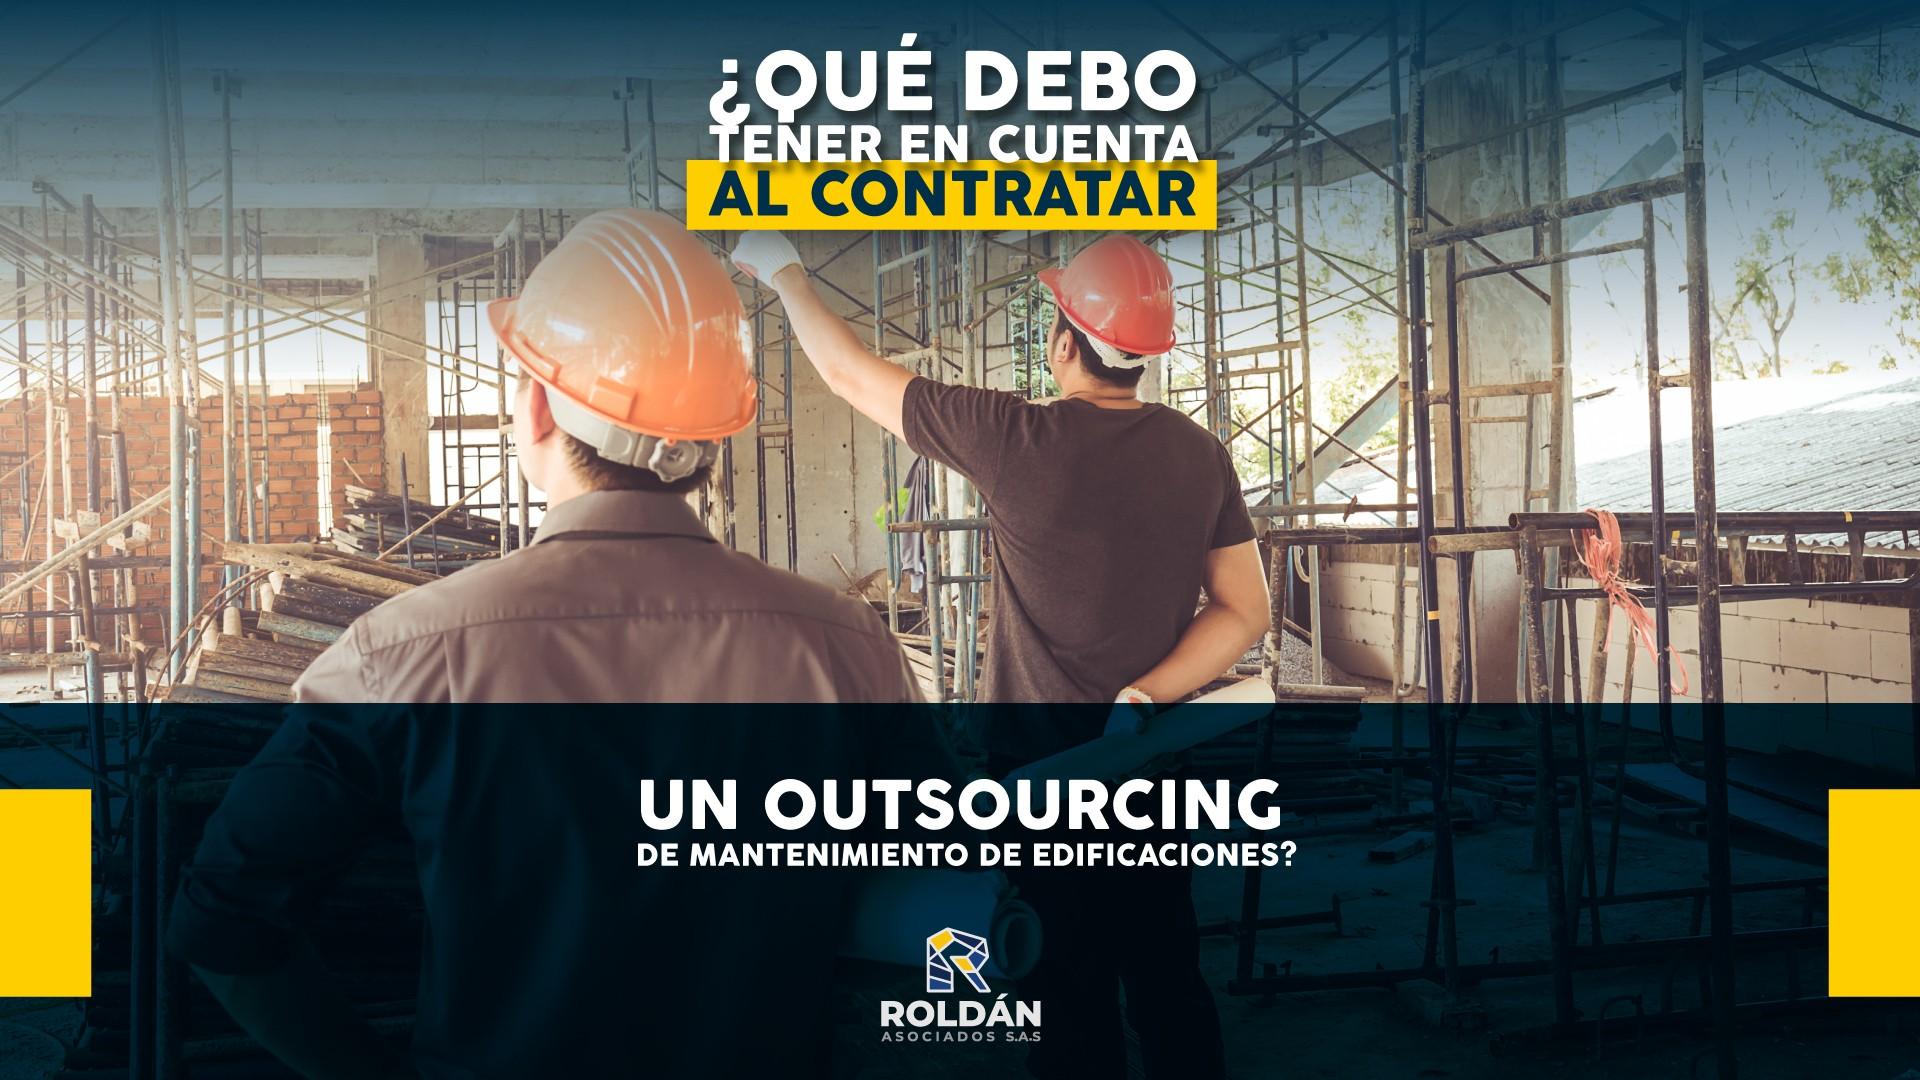 ¿Qué debo tener en cuenta al contratar un outsourcing de mantenimiento de edificaciones?